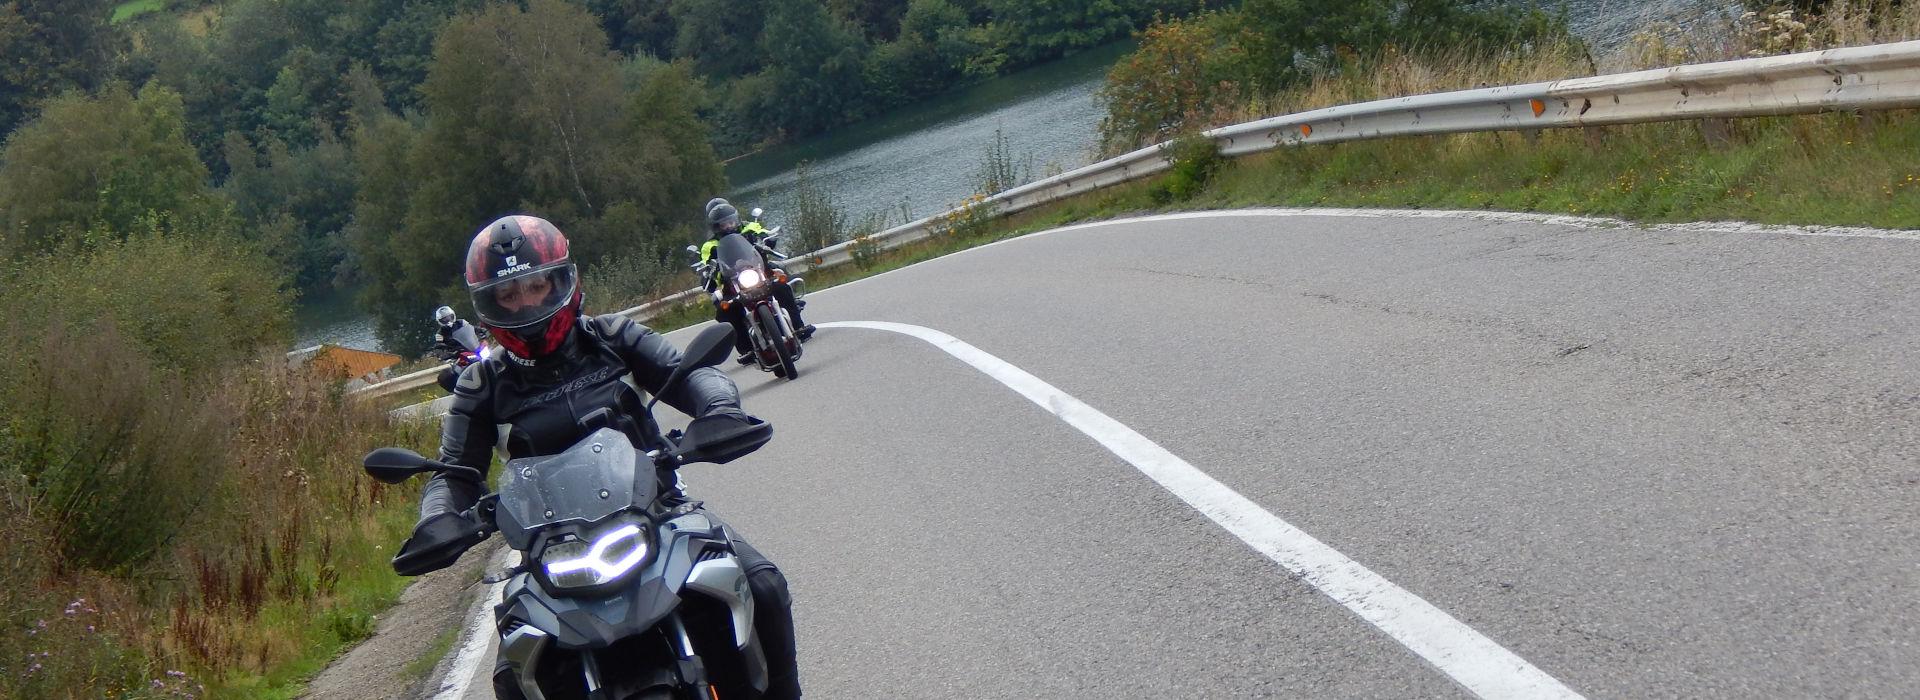 Motorrijbewijspoint De Lier snel motorrijbewijs halen